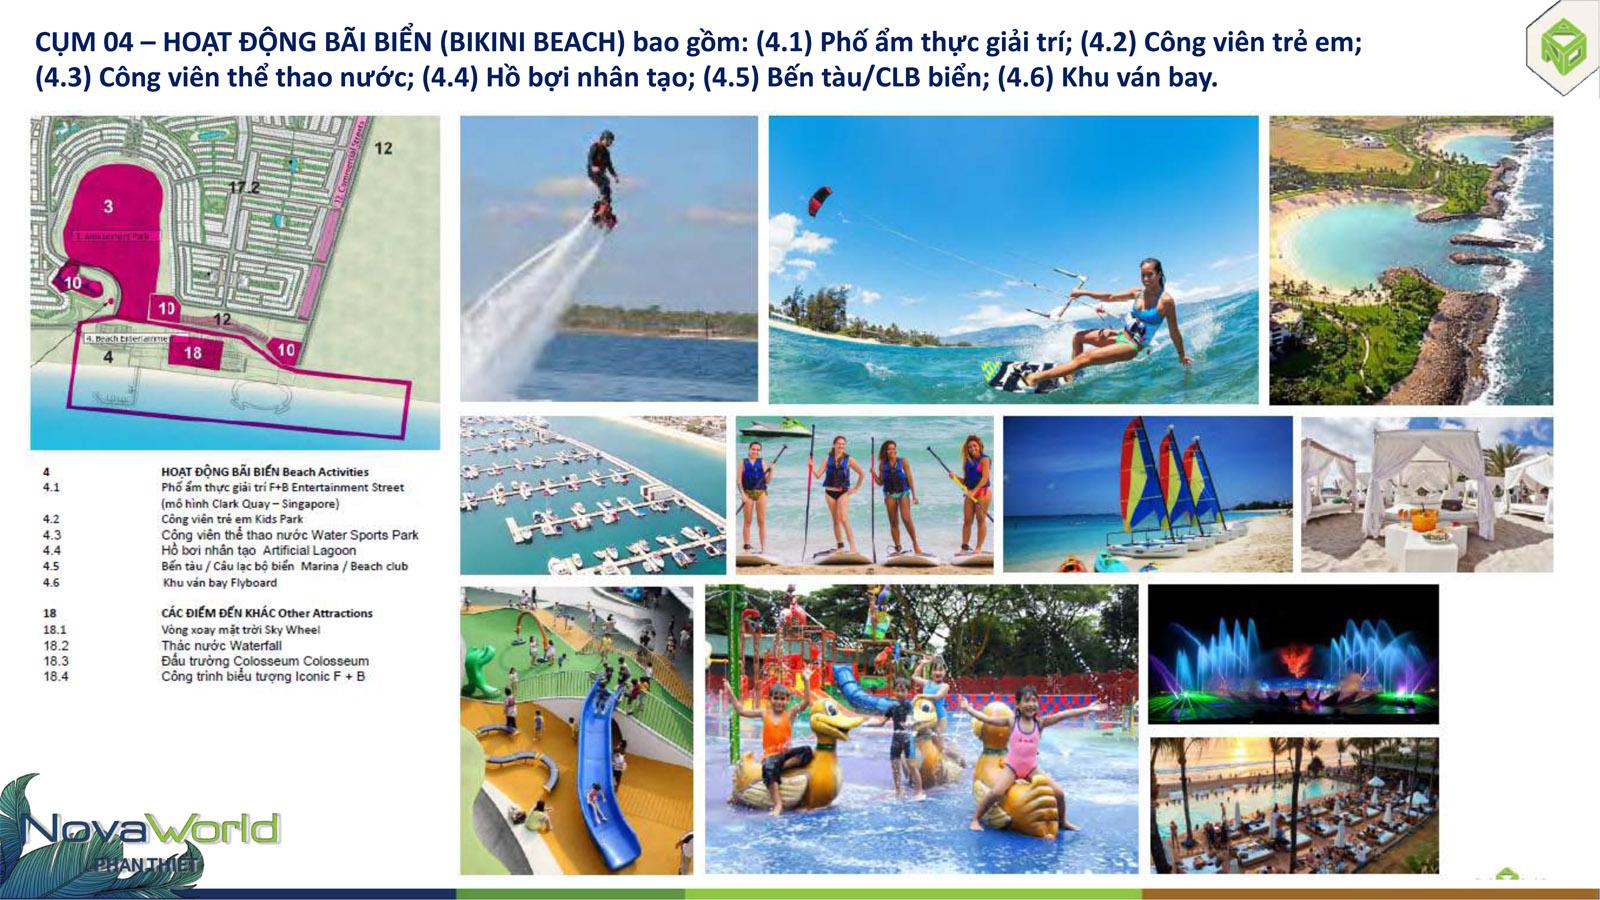 Cụm tiện ích hoạt động bãi biển NovaWorld Phan Thiết